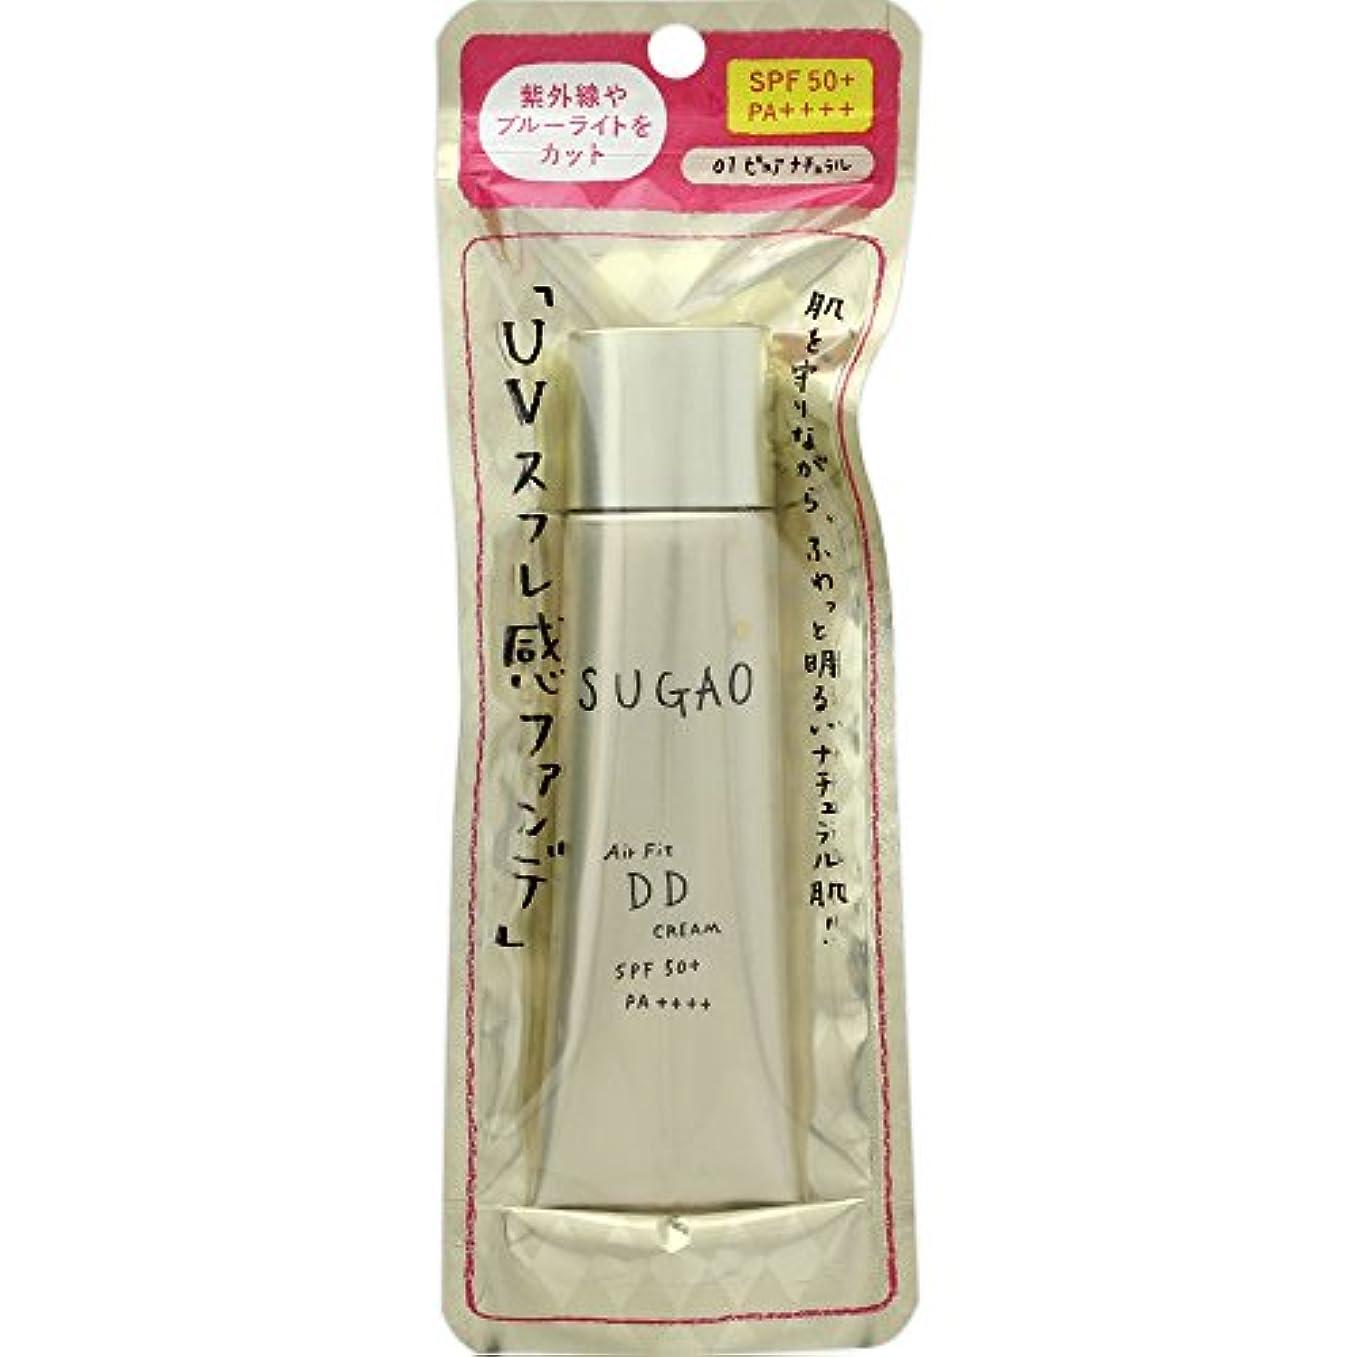 傑作強大な類人猿スガオ (SUGAO) エアーフィット DDクリーム ピュアナチュラル SPF50+ PA++++ 25g